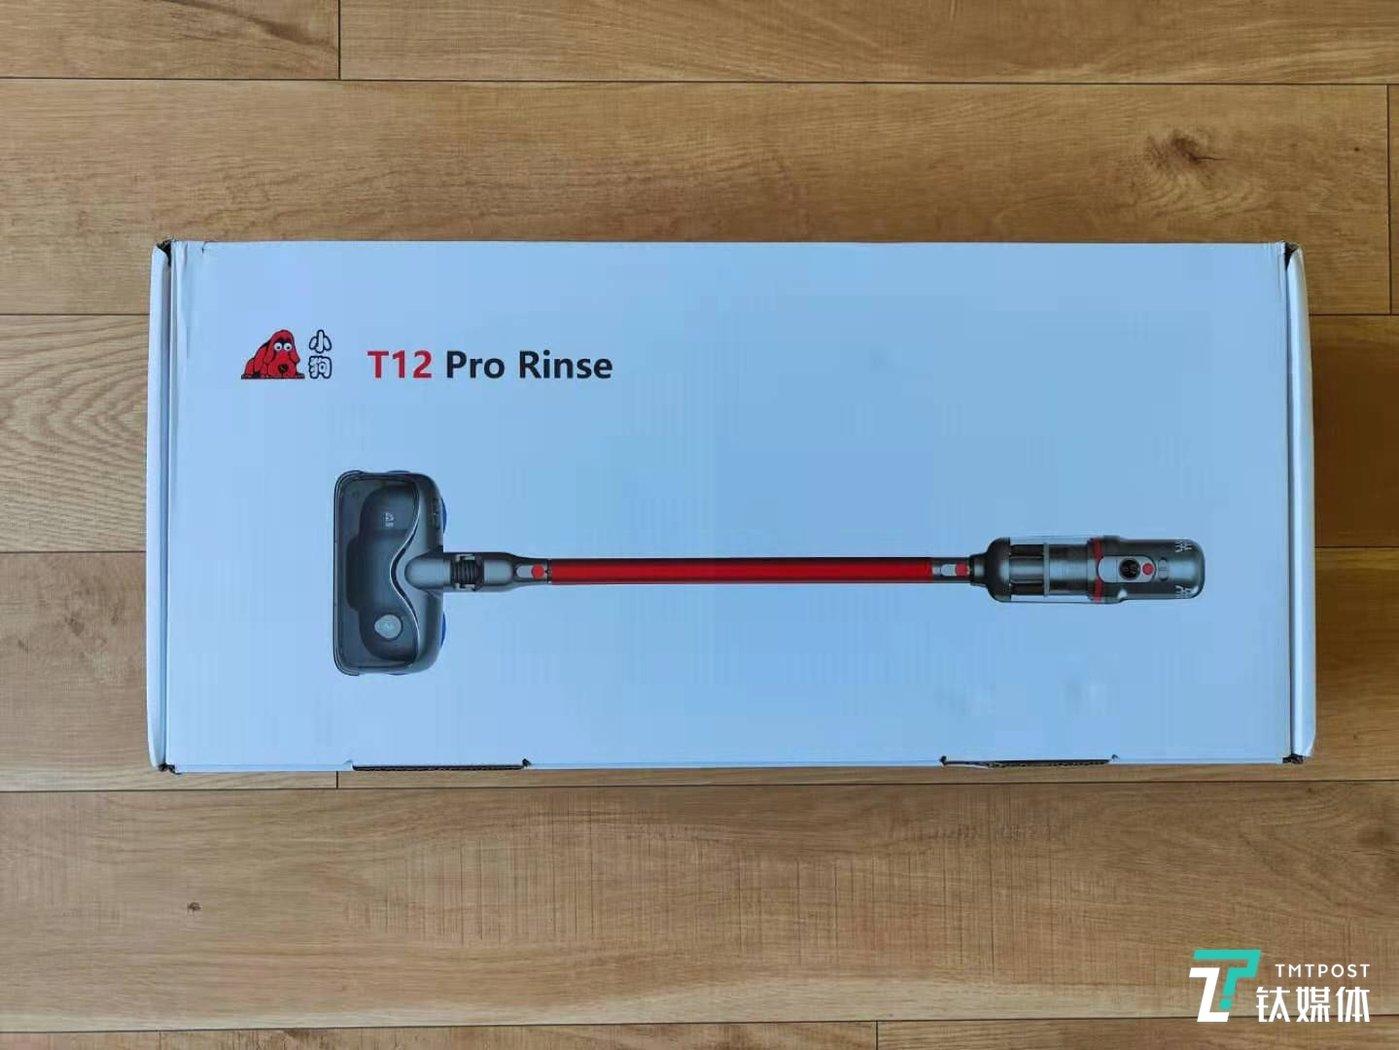 吸擦一体升级,带来手动擦地效果,小狗T12 Pro Rinse擦地吸尘器测评 钛极客